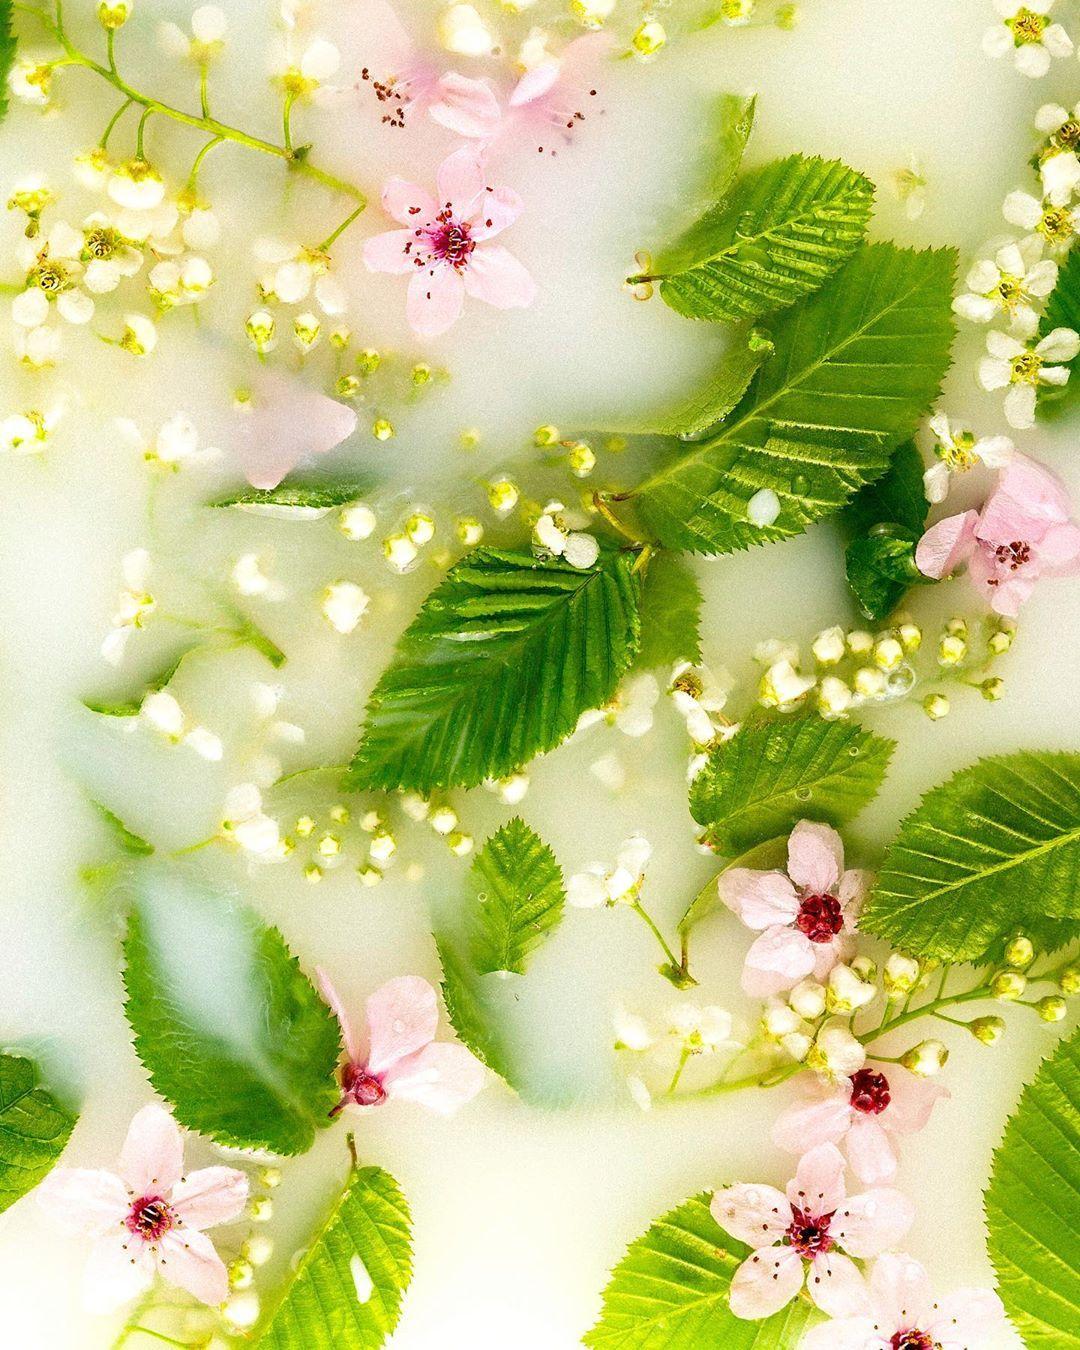 Фриланс цветы найти работу фрилансера дизайнера